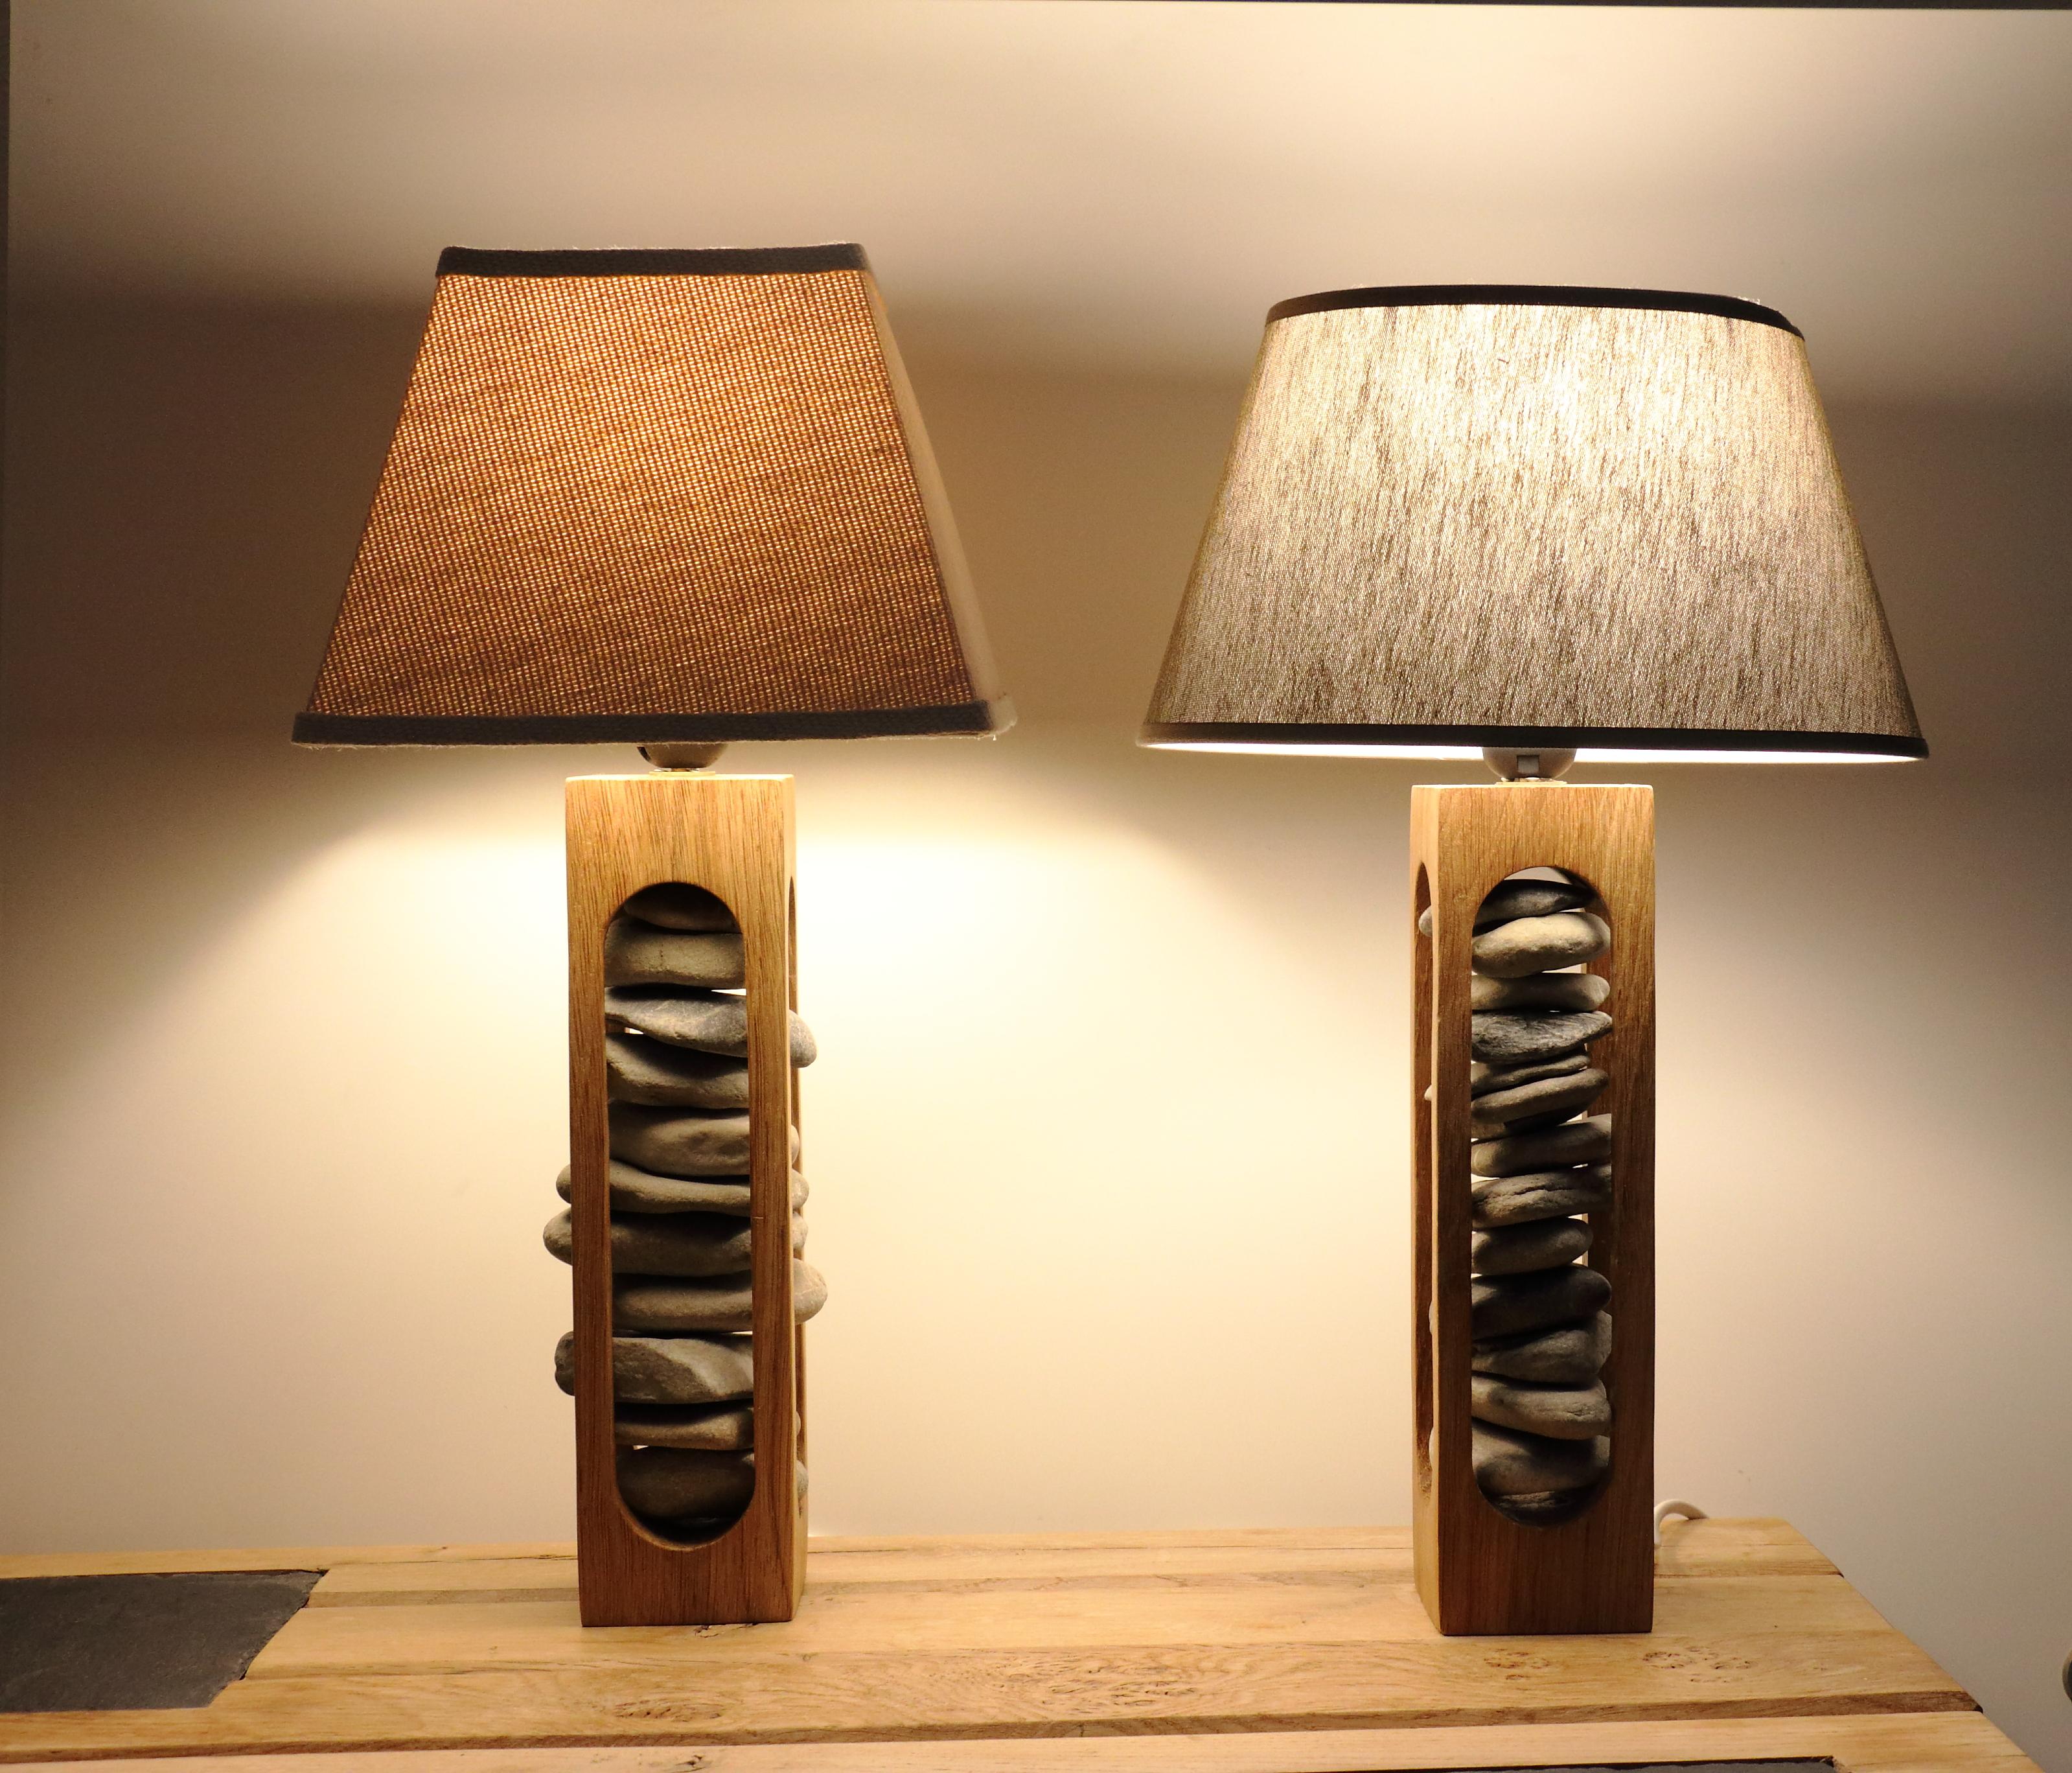 Lampes sculptées en chêne